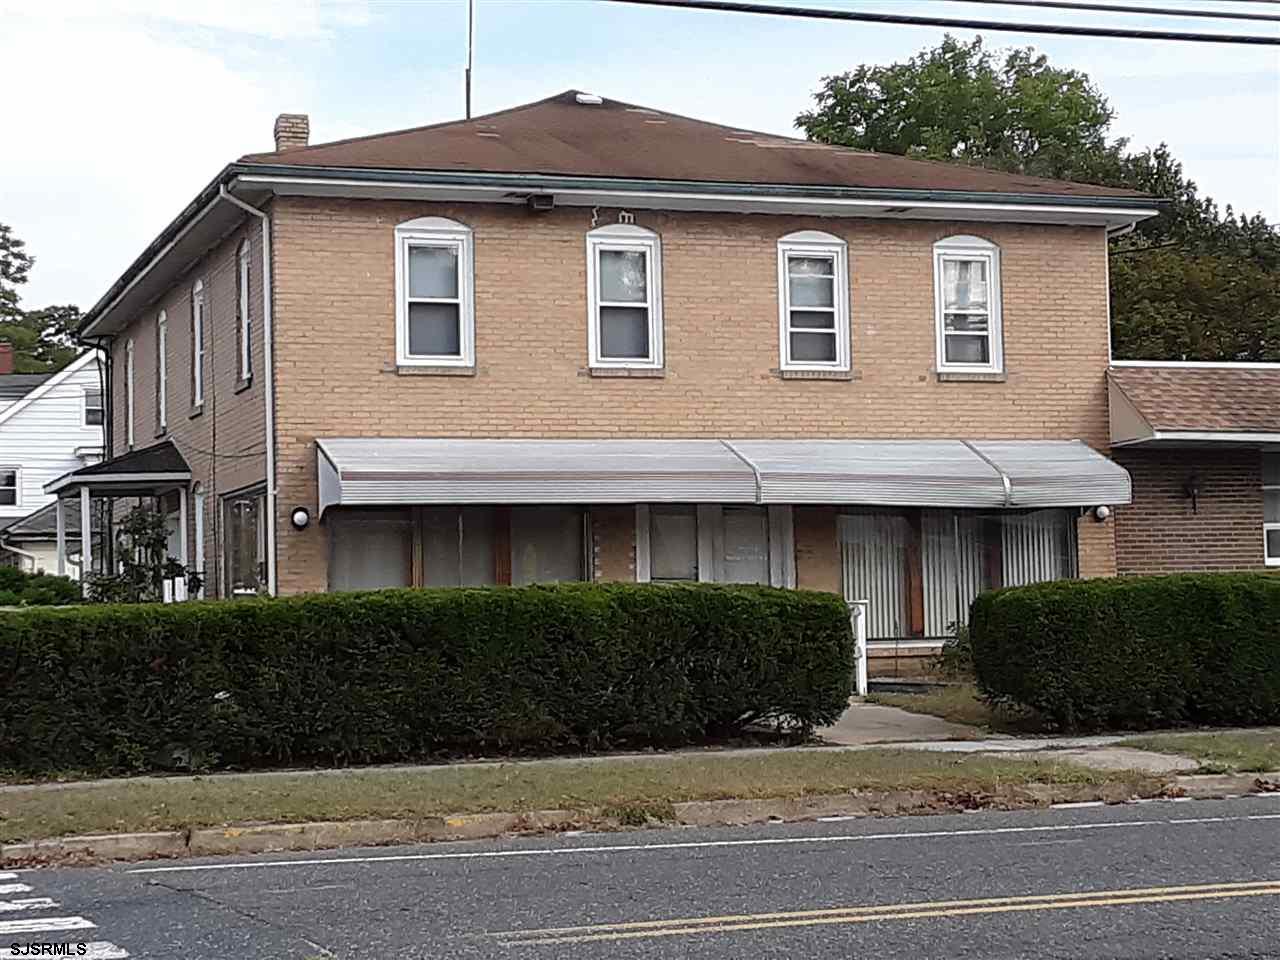 901 Central Ave, Minotola NJ 08341 - Photo 2